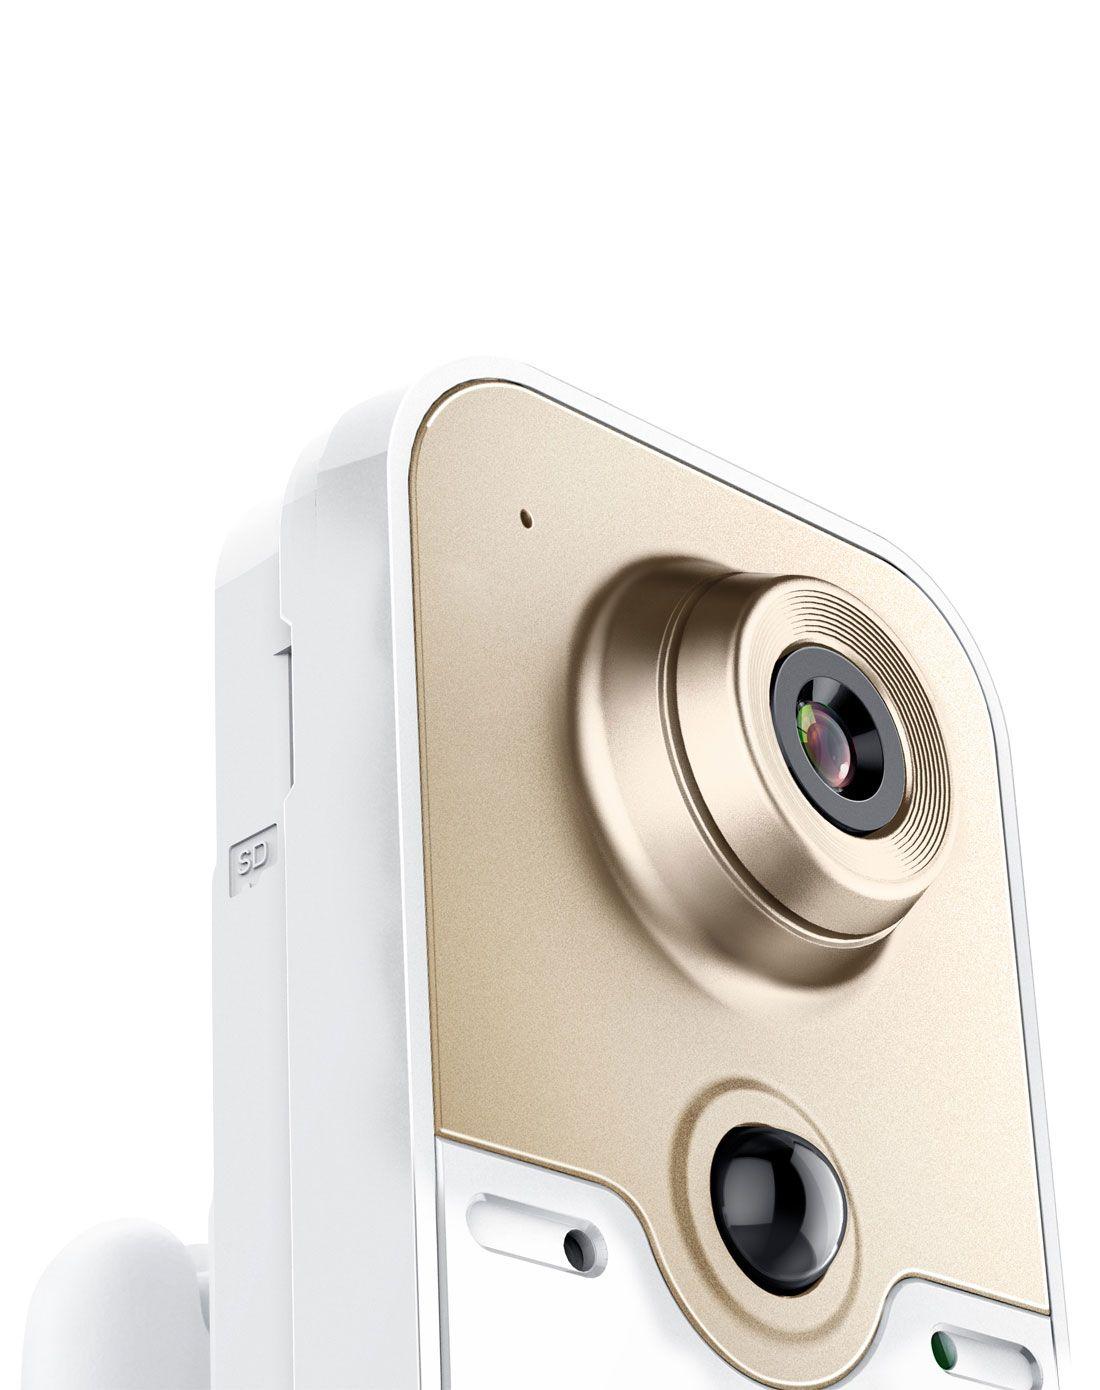 摄像机微信互联版